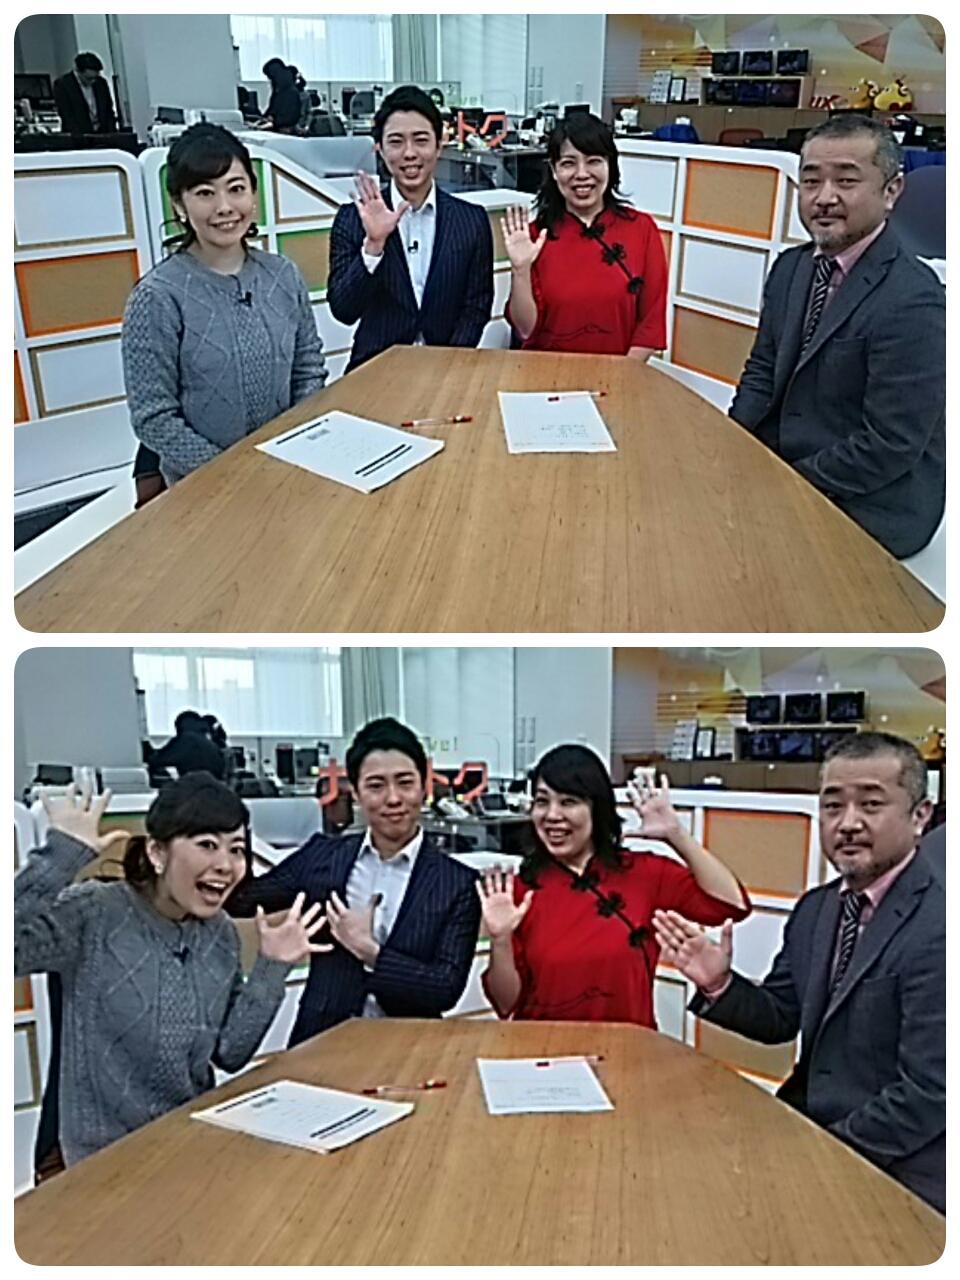 初テレビ出演〰(^o^)